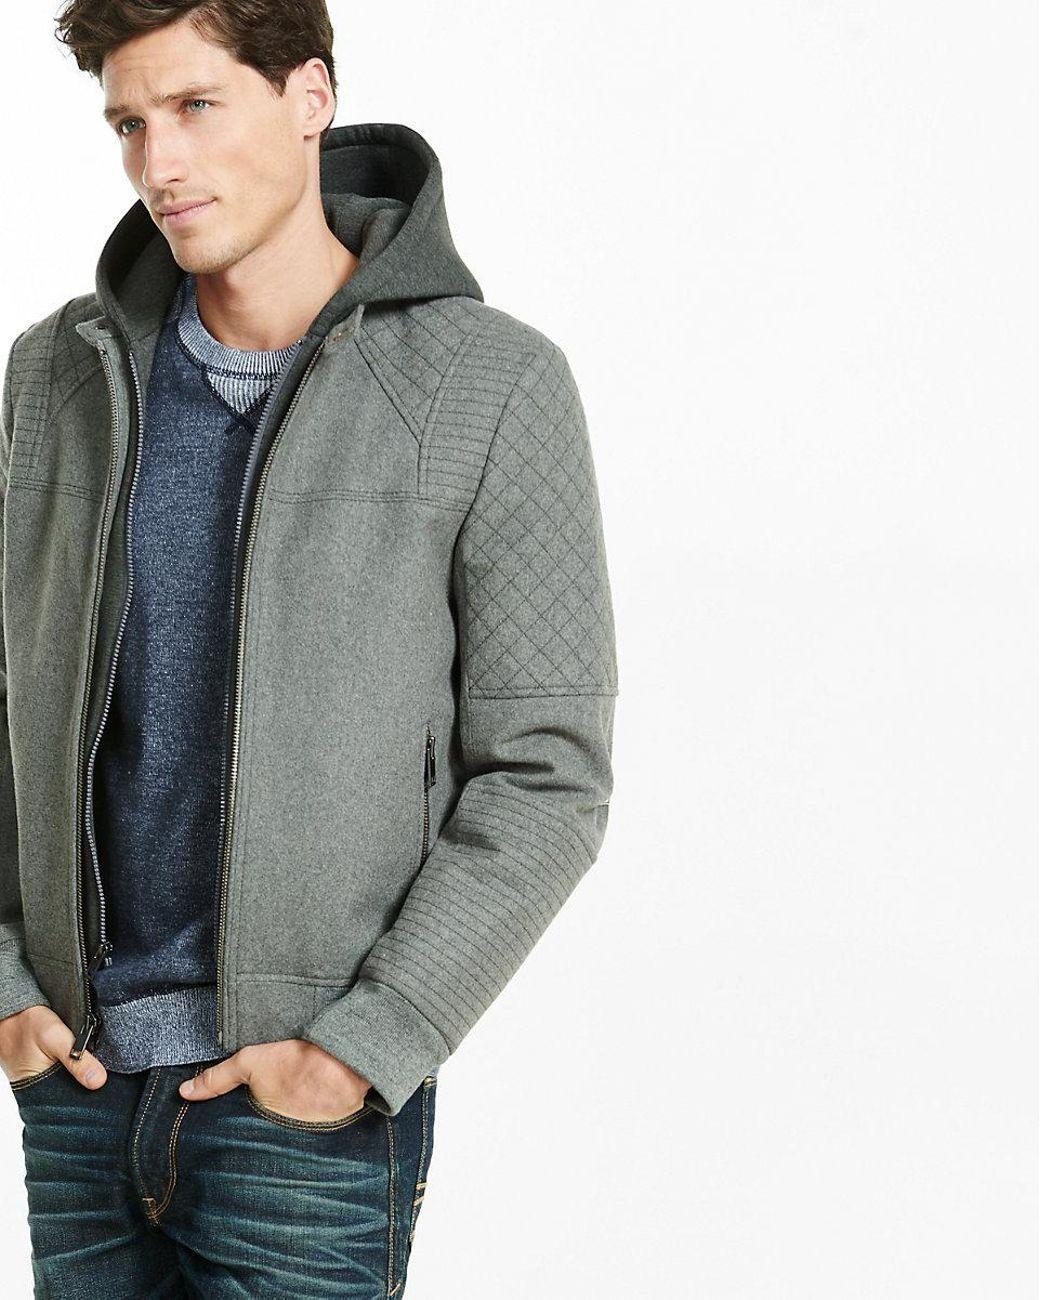 Express Gray Wool Blend Moto Bomber For Men Lyst Moto Bomber Moto Bomber Jacket Men Sweater [ 1300 x 1040 Pixel ]